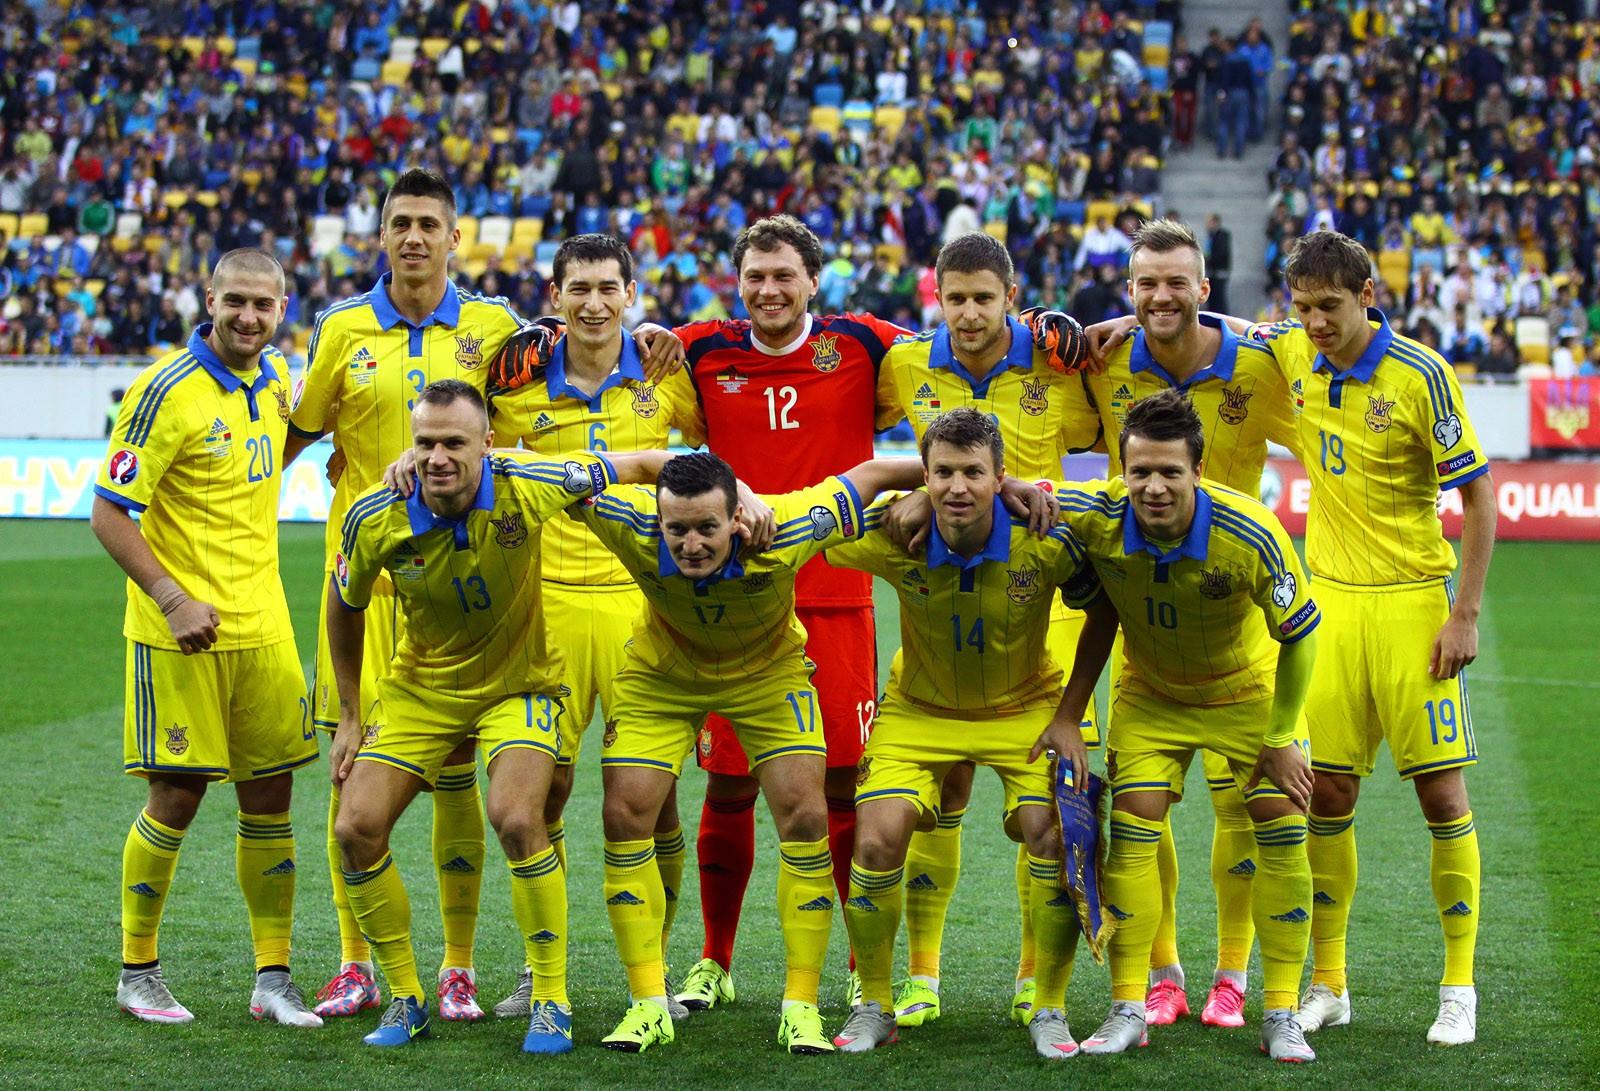 Украина на ЕВРО-2016: какие желания совпадают с возможностями? - изображение 1